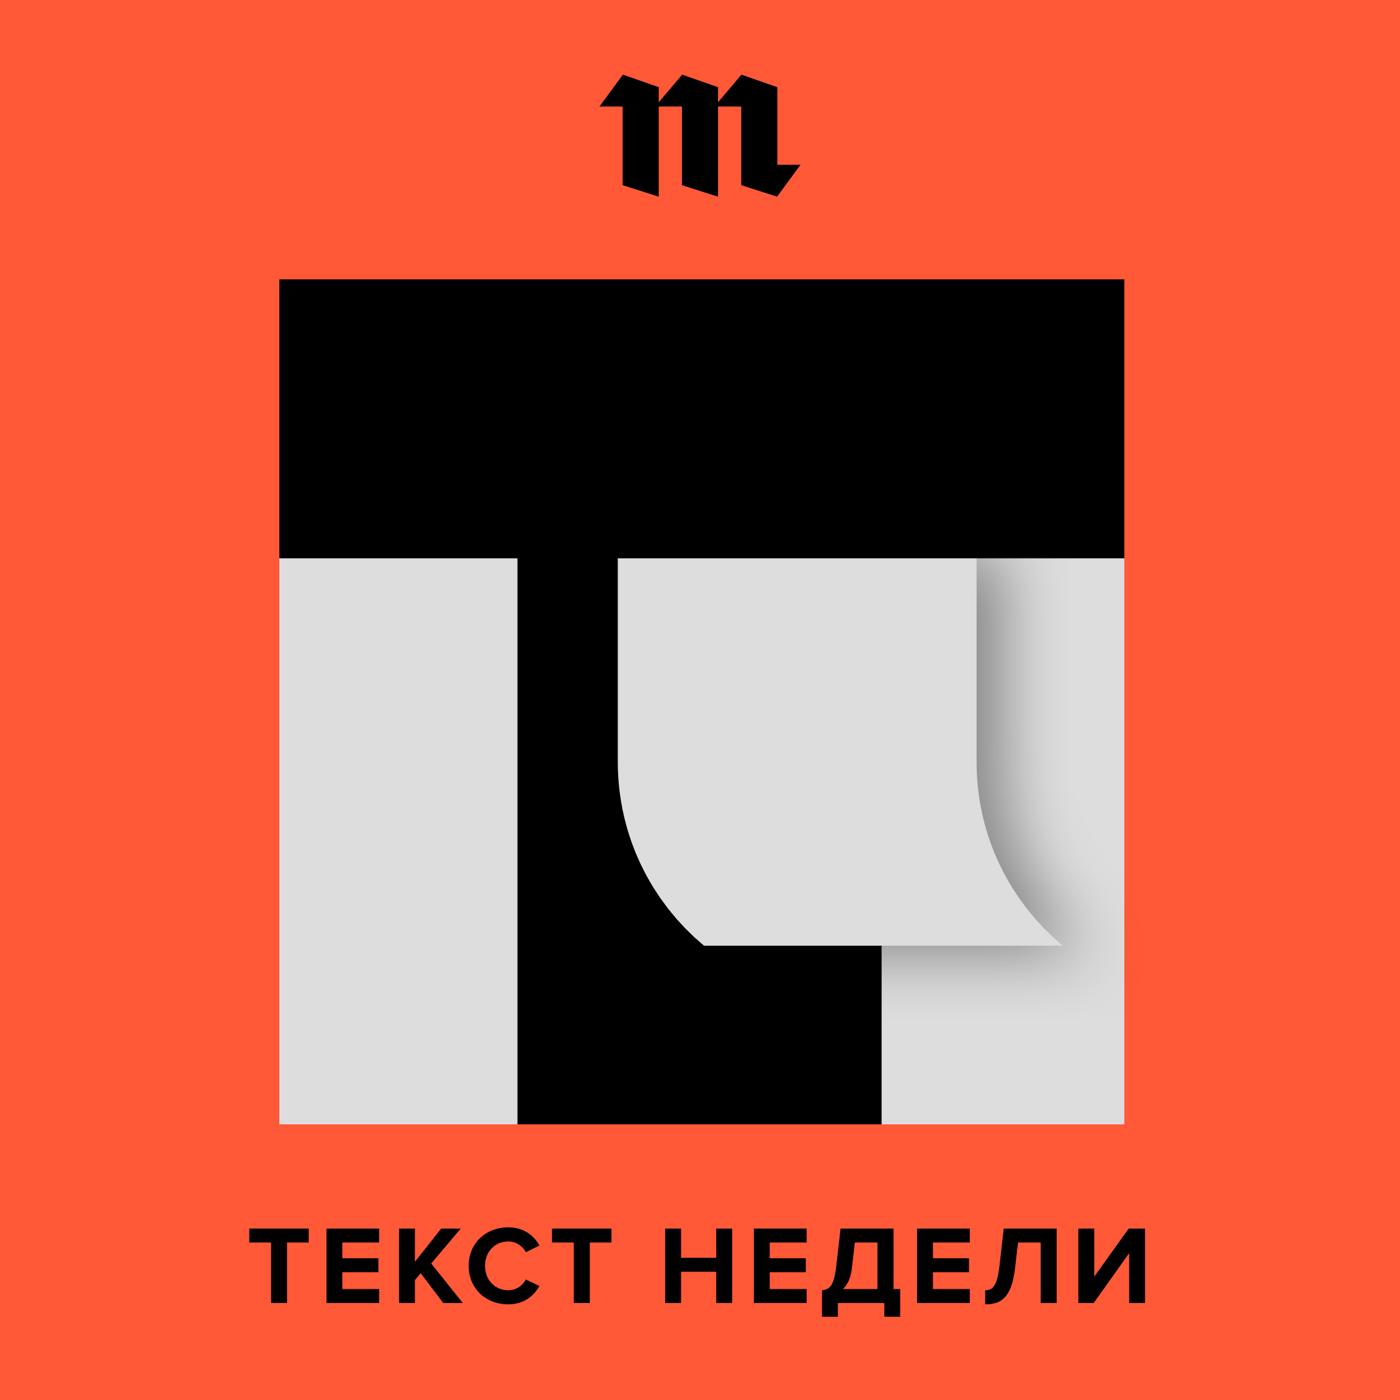 Власти узнали о катастрофе в Норильске два дня спустя, а меры приняли только после совещания у Путина. Почему об аварии стало известно так поздно?